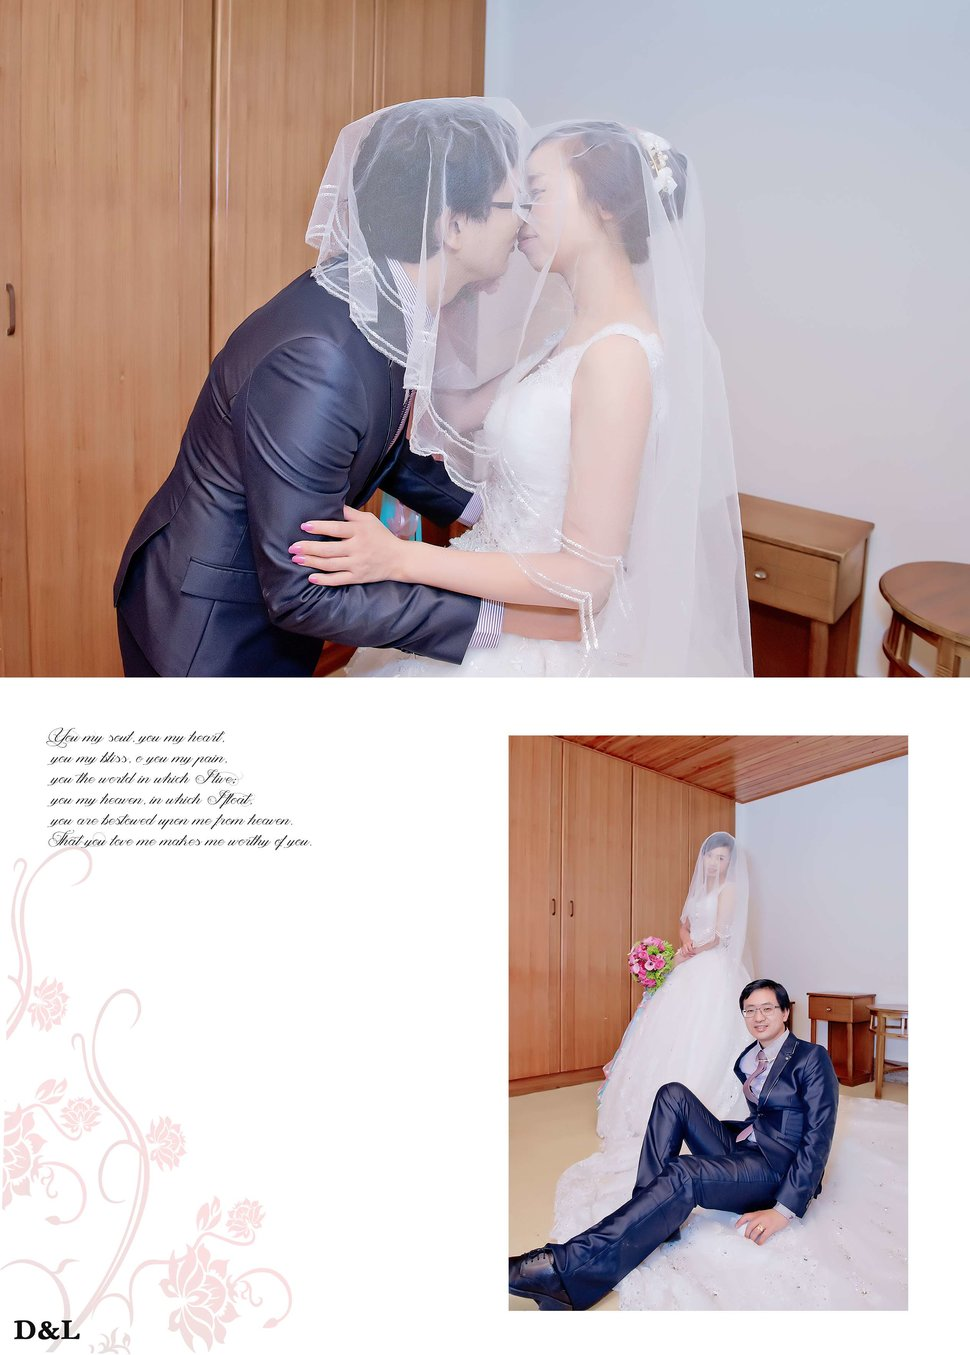 台中婚攝 婚禮記錄 訂結午宴 球愛物語景觀婚禮會館-平面攝影(編號:374403) - D&L 婚禮事務-婚紗攝影/婚禮攝影 - 結婚吧